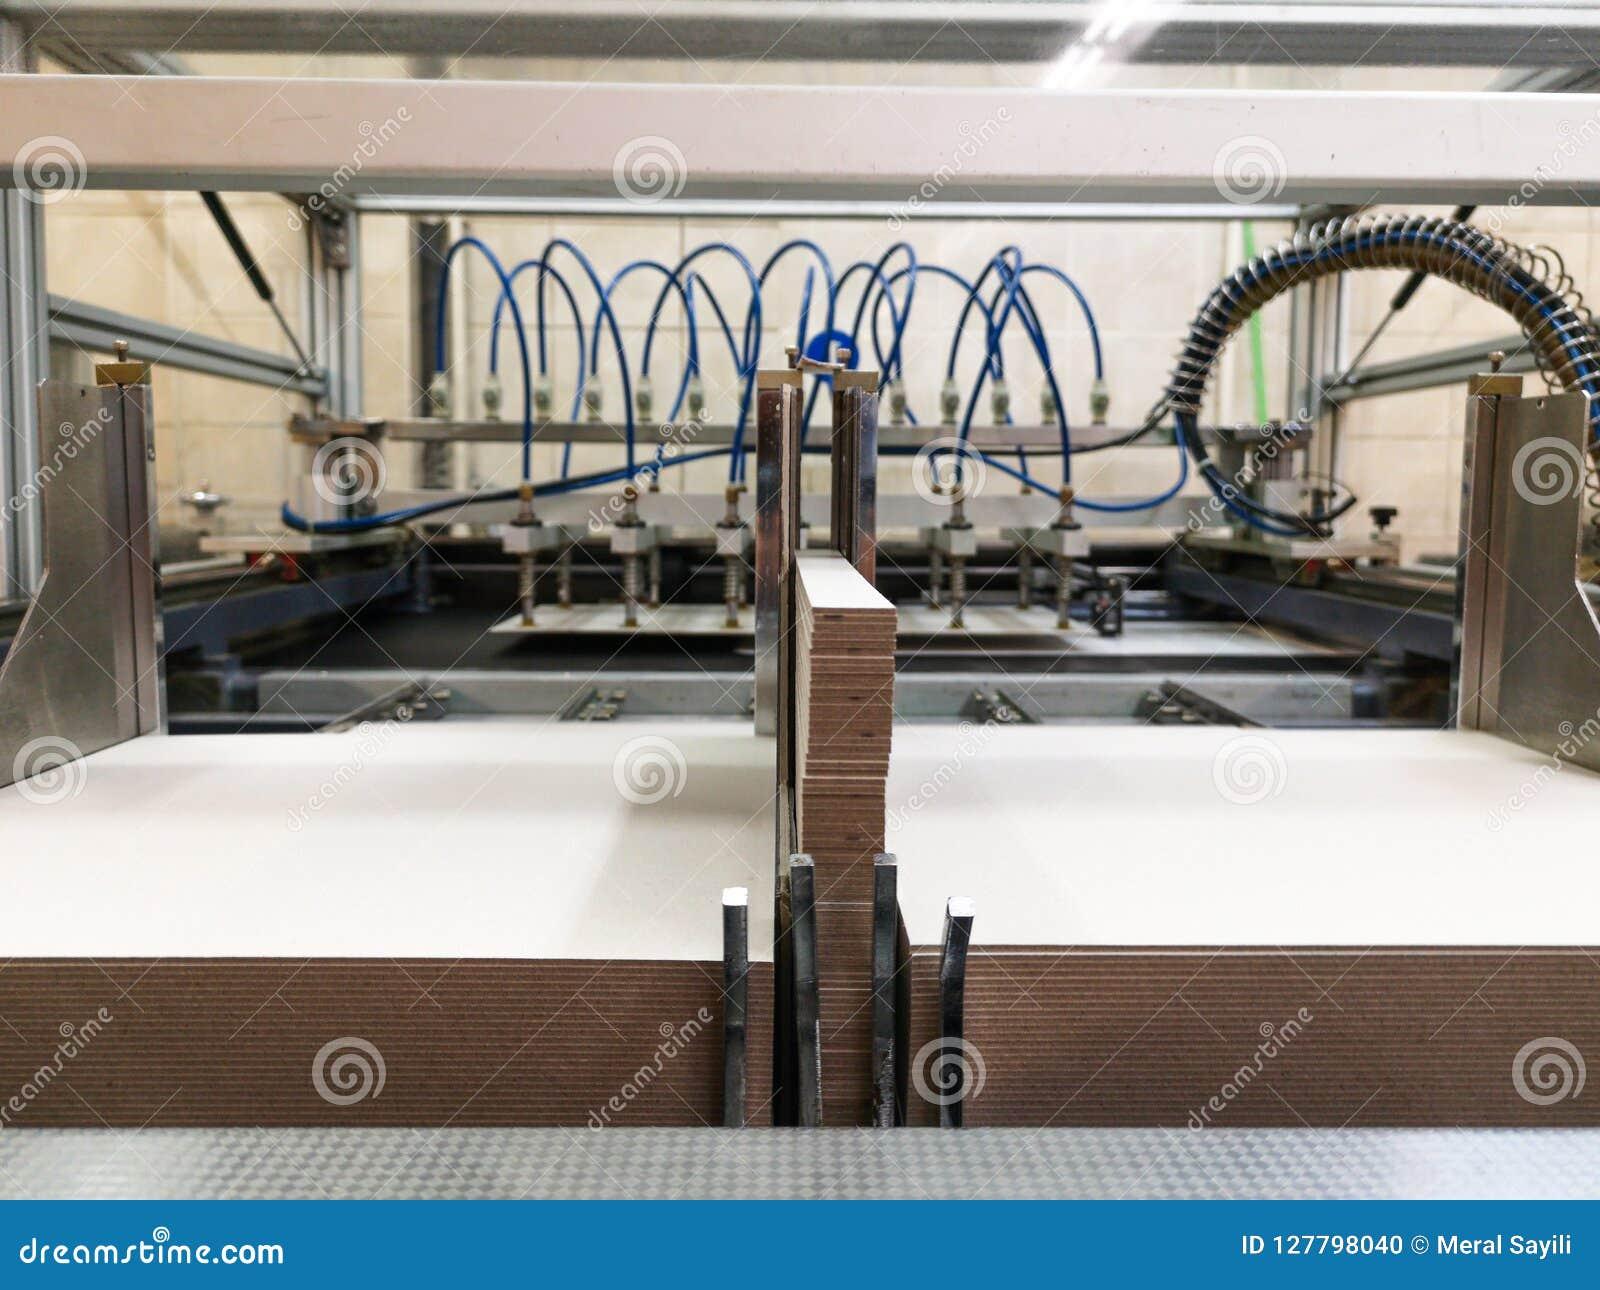 Sekcje drukowe maszyny